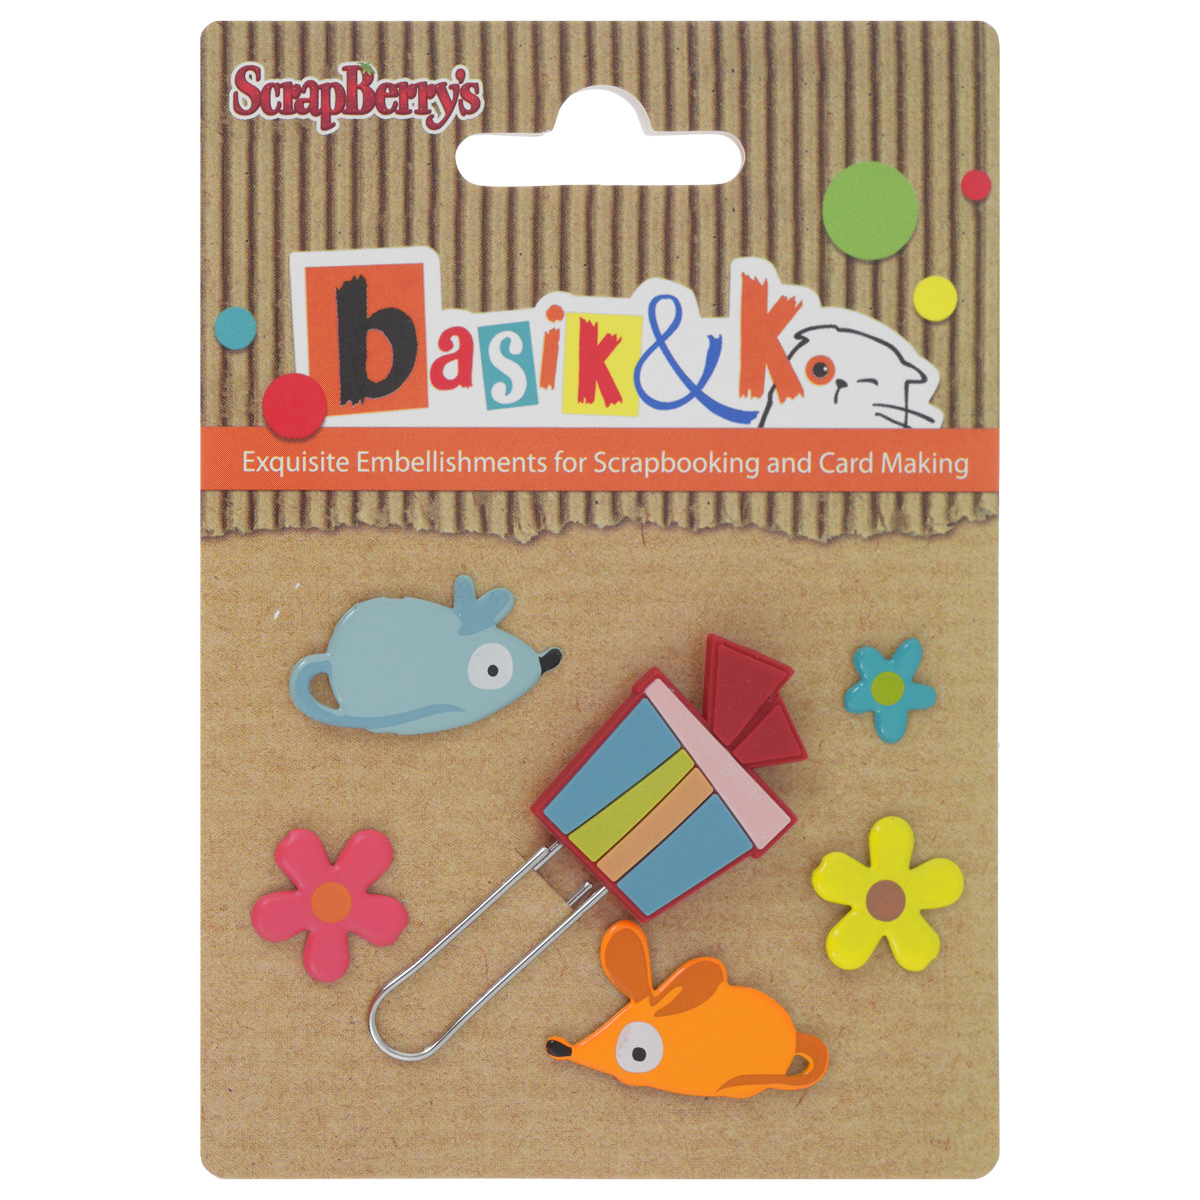 Набор брадсов Basik & K Кошки-мышки, 6 штC0038550Брадсы Basik & K Кошки-мышки изготовлены из металла и резины. В наборе представлены брадсы различных размеров, форм и цветов. Такой набор прекрасно подойдет для декора и оформления творческих работ в различных техниках, таких как скрапбукинг, шитье, декор, изготовление бижутерии и многого другого. Брадсы разнообразят вашу работу и добавят вдохновения для новых идей.Размер самого большого брадса: 2,5 см х 2 см.Диаметр самого маленького брадса: 0,9 см.